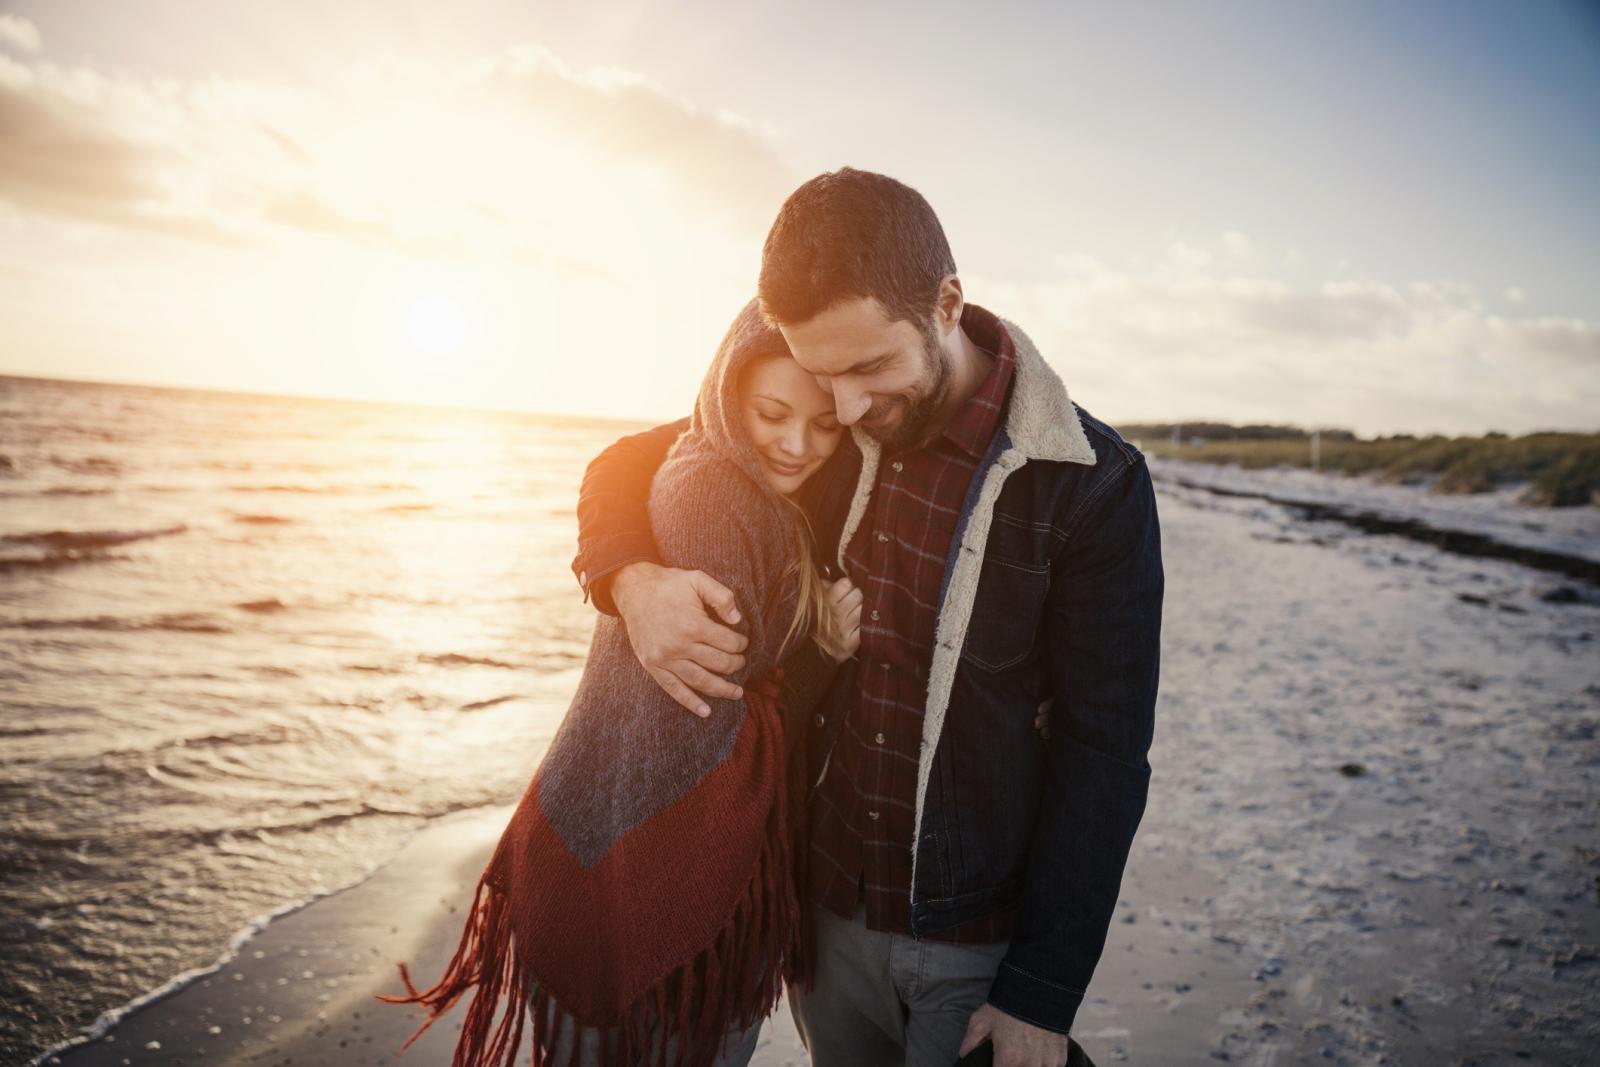 Nemojte očekivati da vam partner čita misli. Budite otvoreni i iskreni te recite što vas muči.